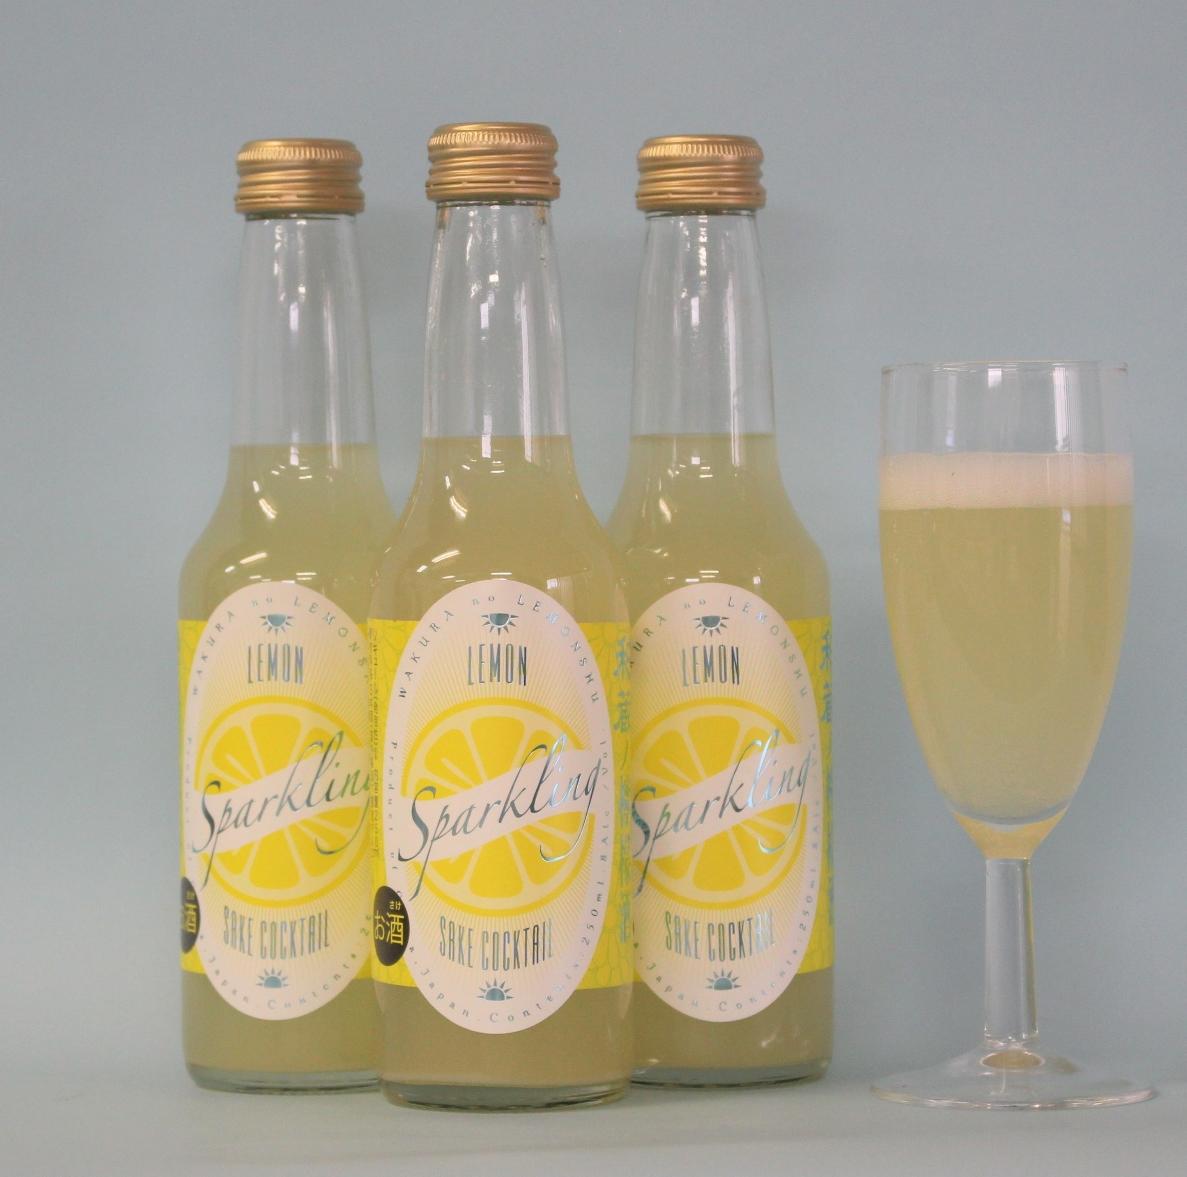 和蔵の檸檬酒スパークリング3本セット